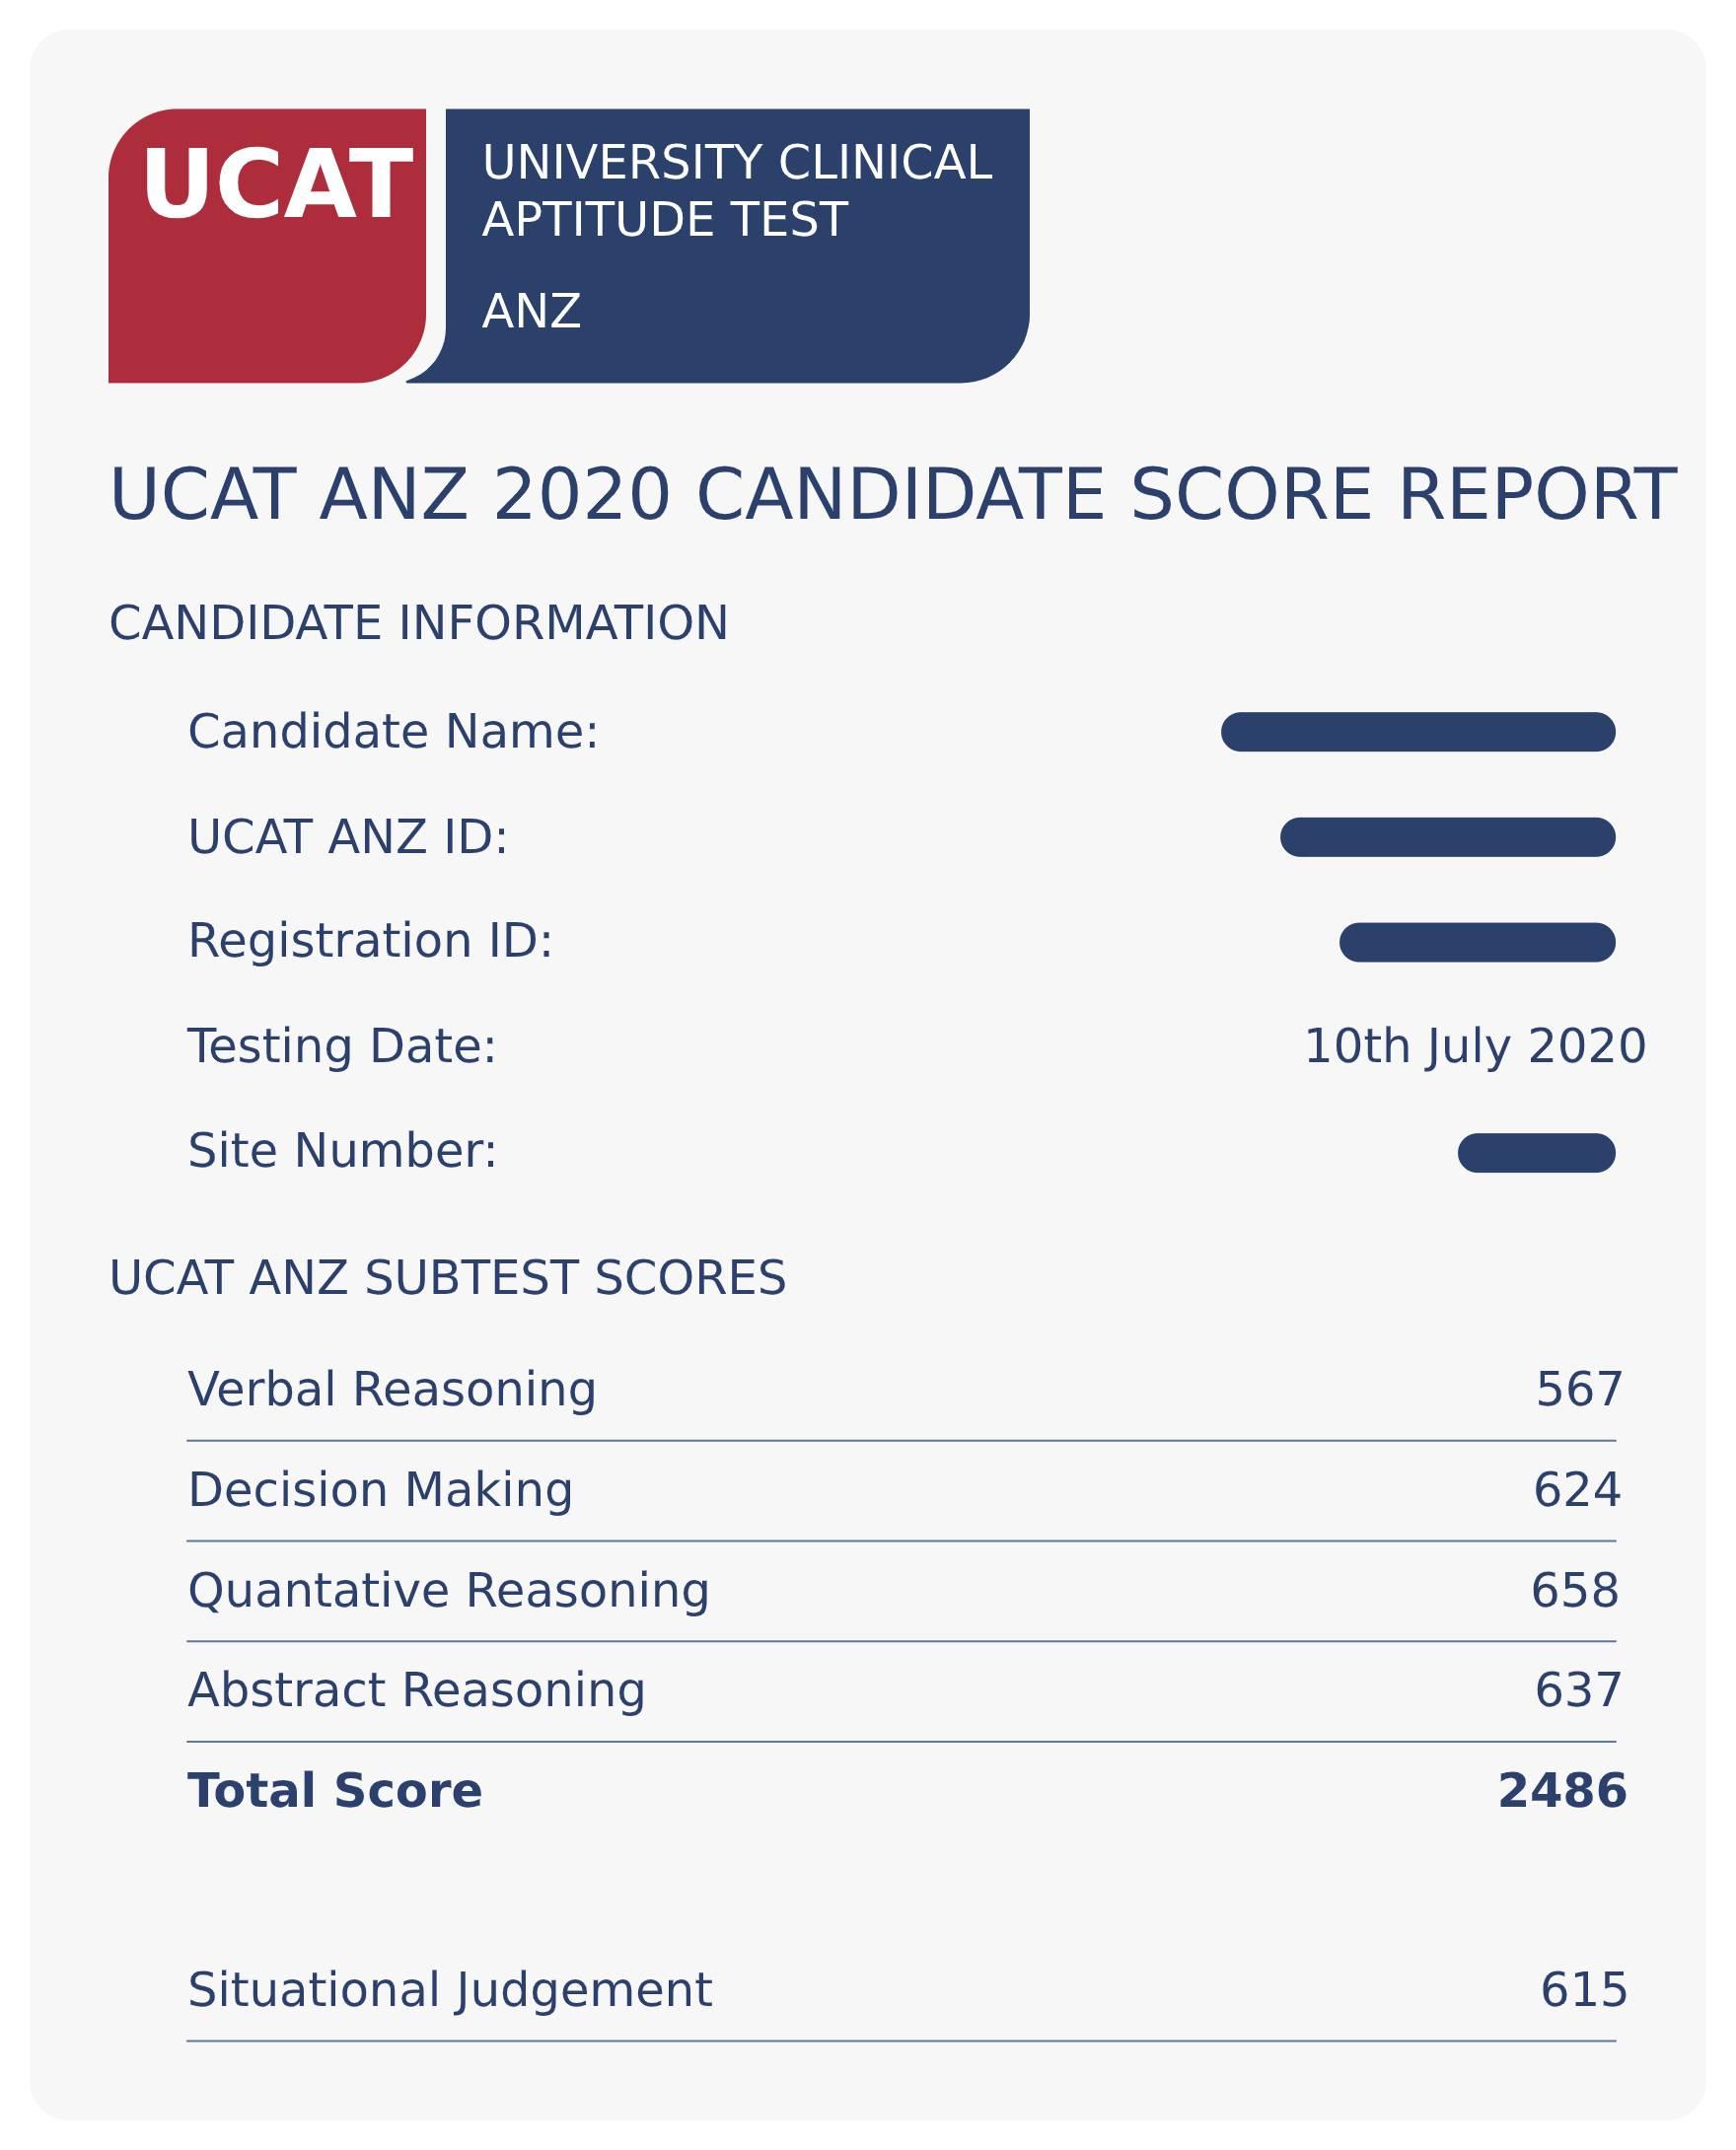 A sample UCAT ANZ 2020 candidate score report